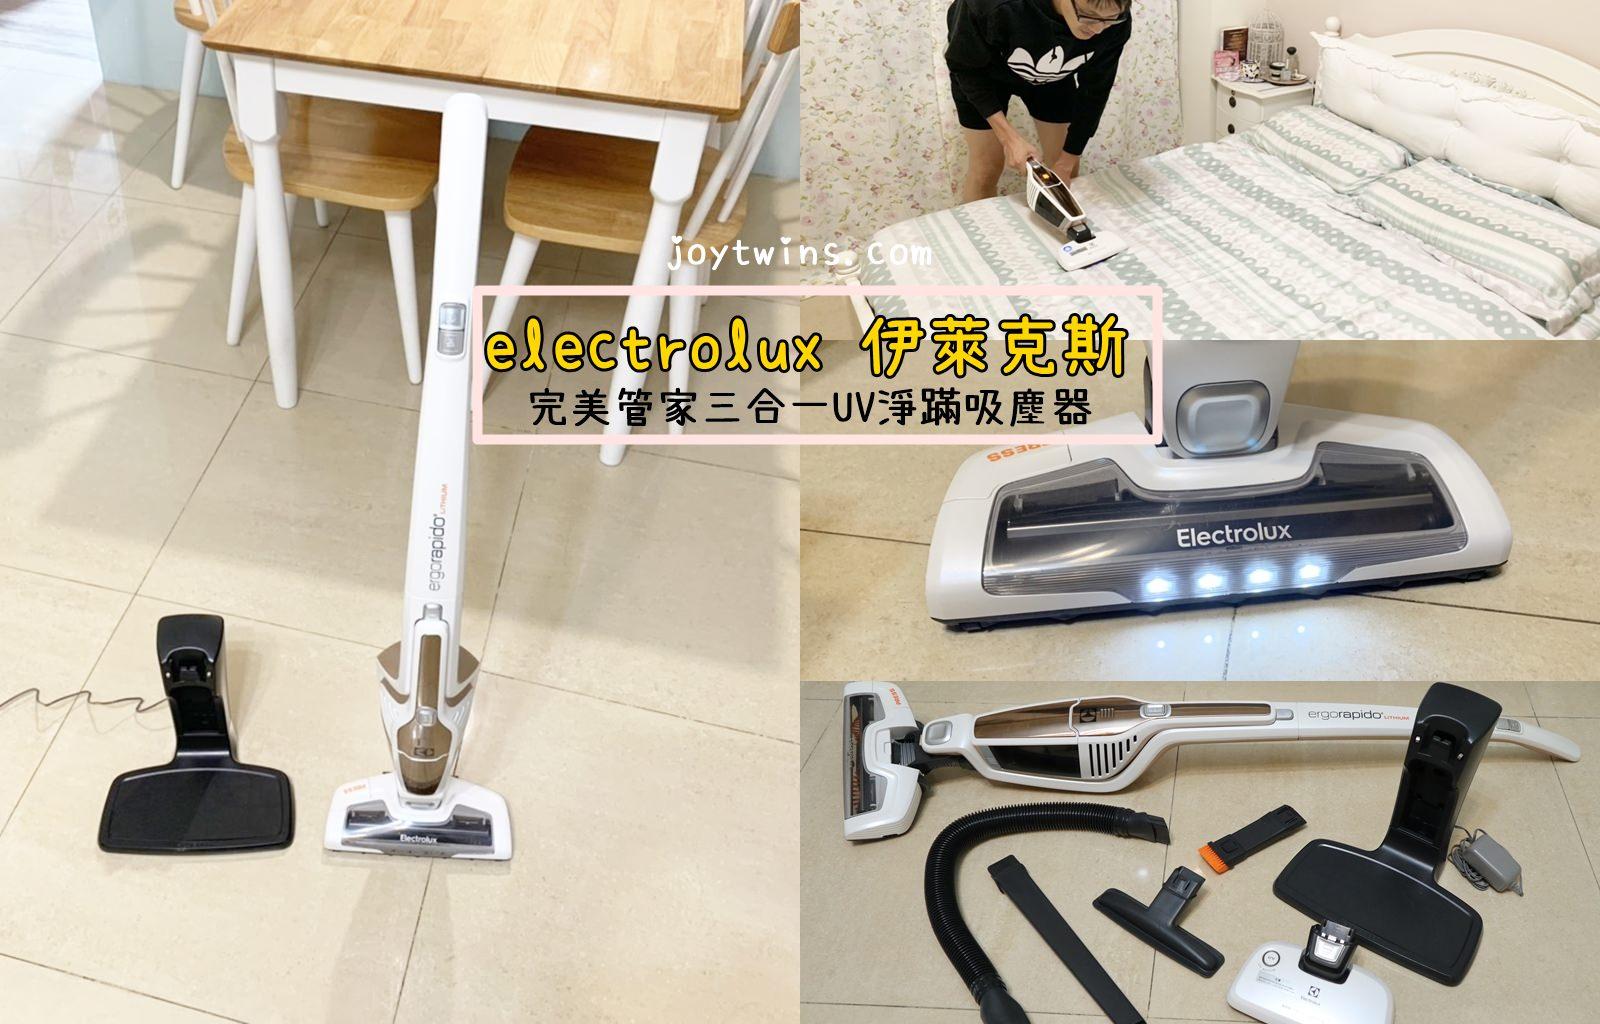 【開團】electrolux 伊萊克斯 完美管家三合一UV淨蹣吸塵器 直立+手持+除蹣 三合一 除塵除蹣超強選擇 (型號:ZB3233B)